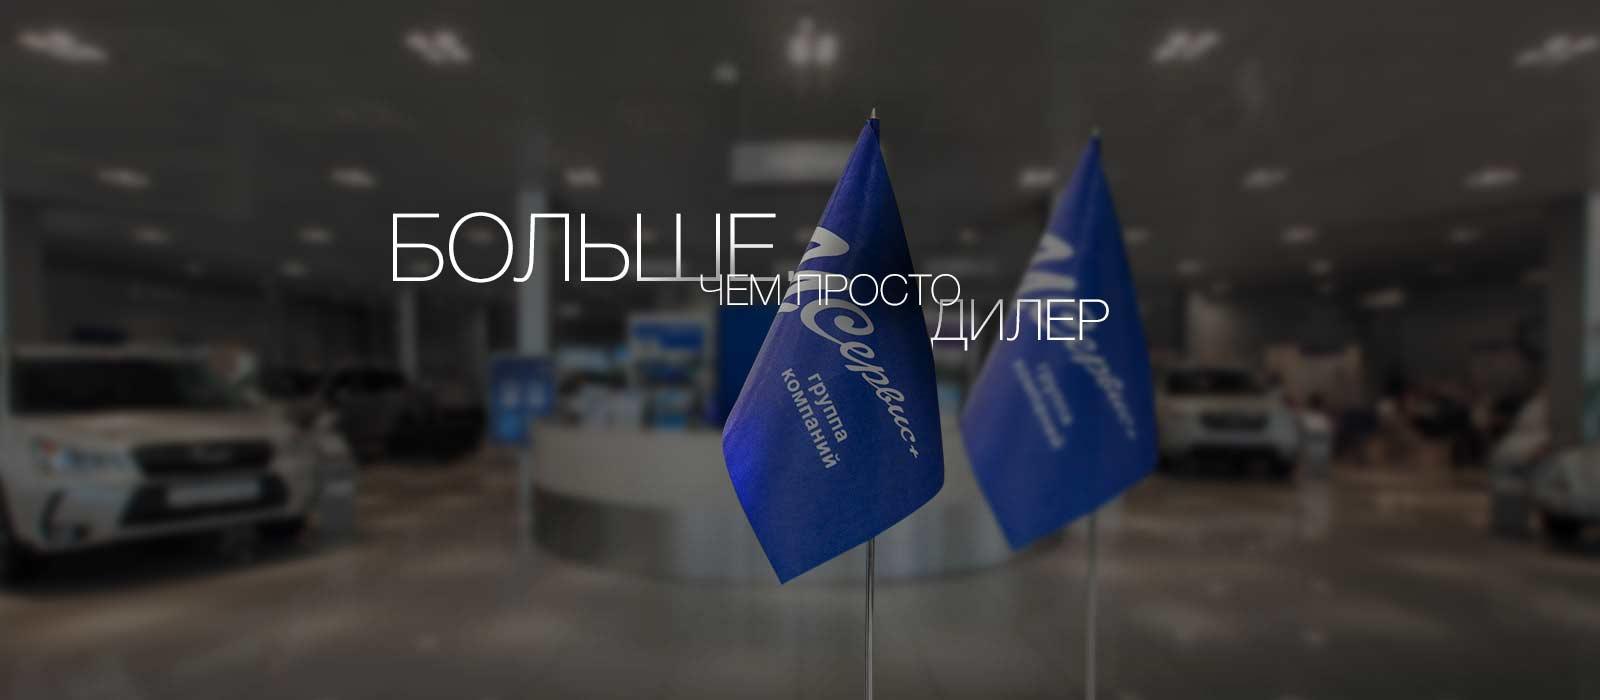 d671cdc693e7e У Сервис+» — официальный дилер автомобилей в Москве